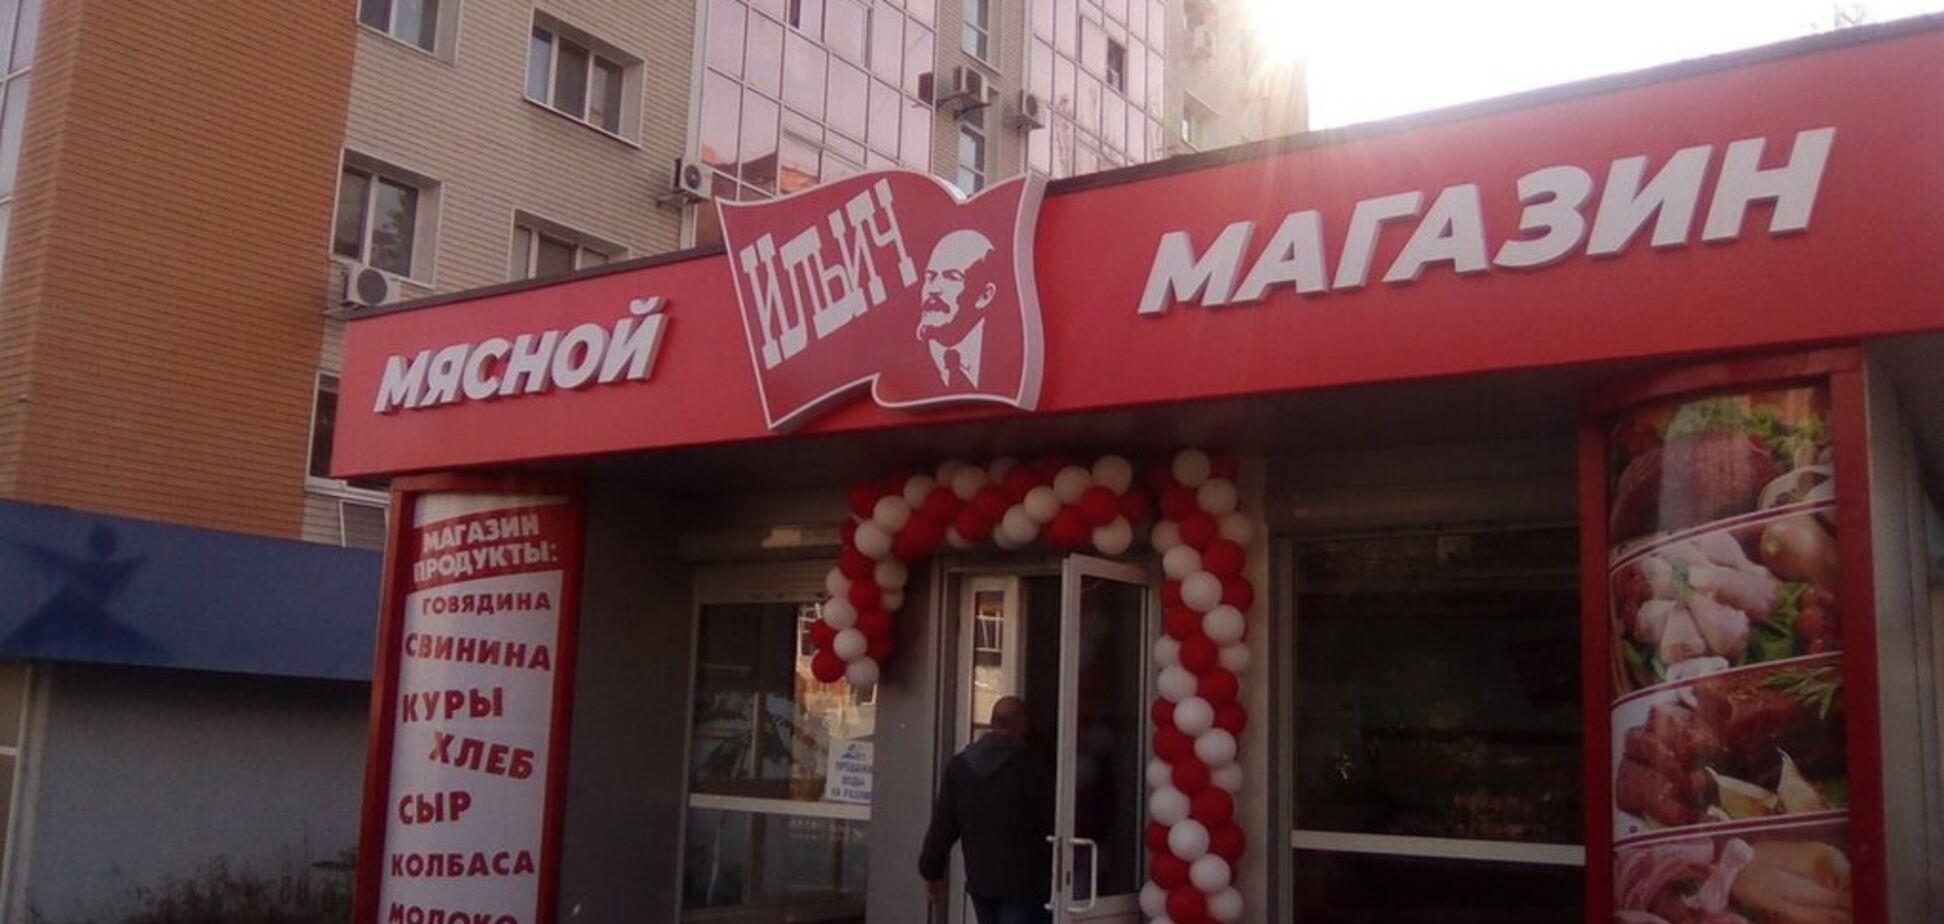 Магазин'Мясной Ильич' в Донецке